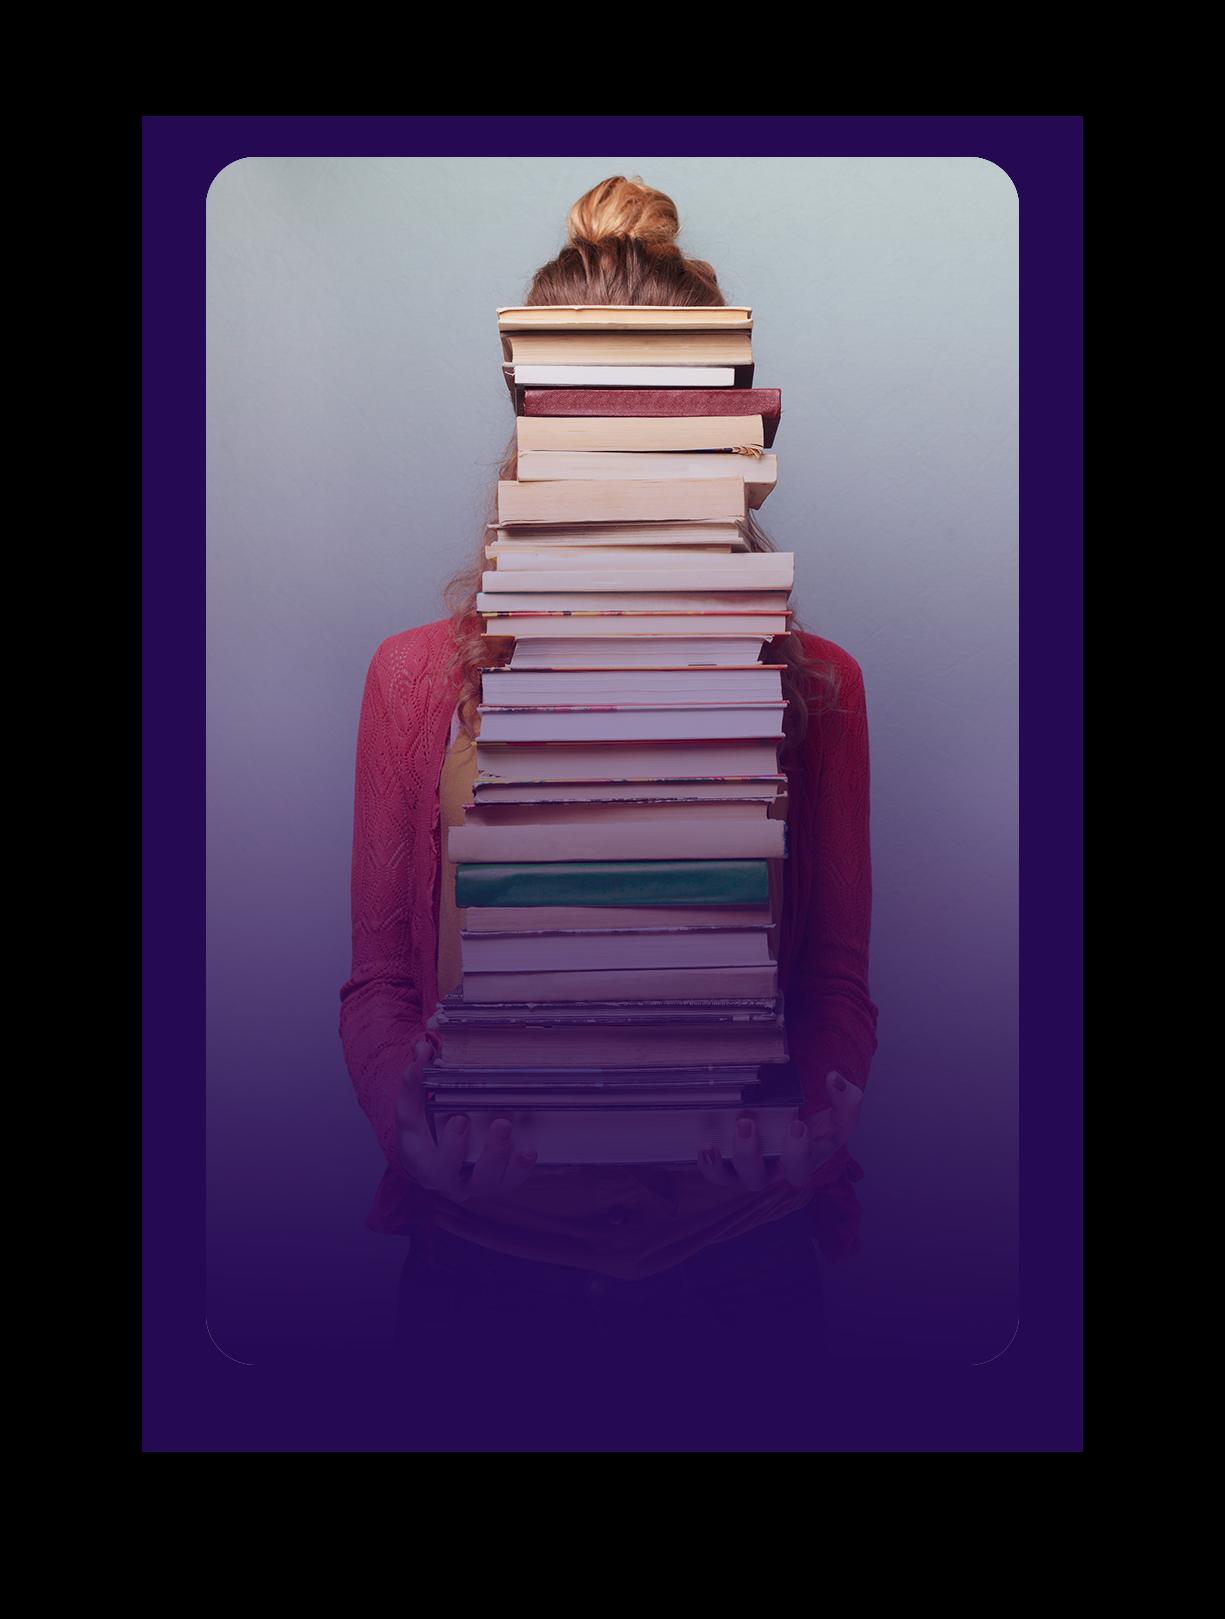 ici se trouve une photo d'une jeune fille qui porte une pile de livres qui qui cachent son visage